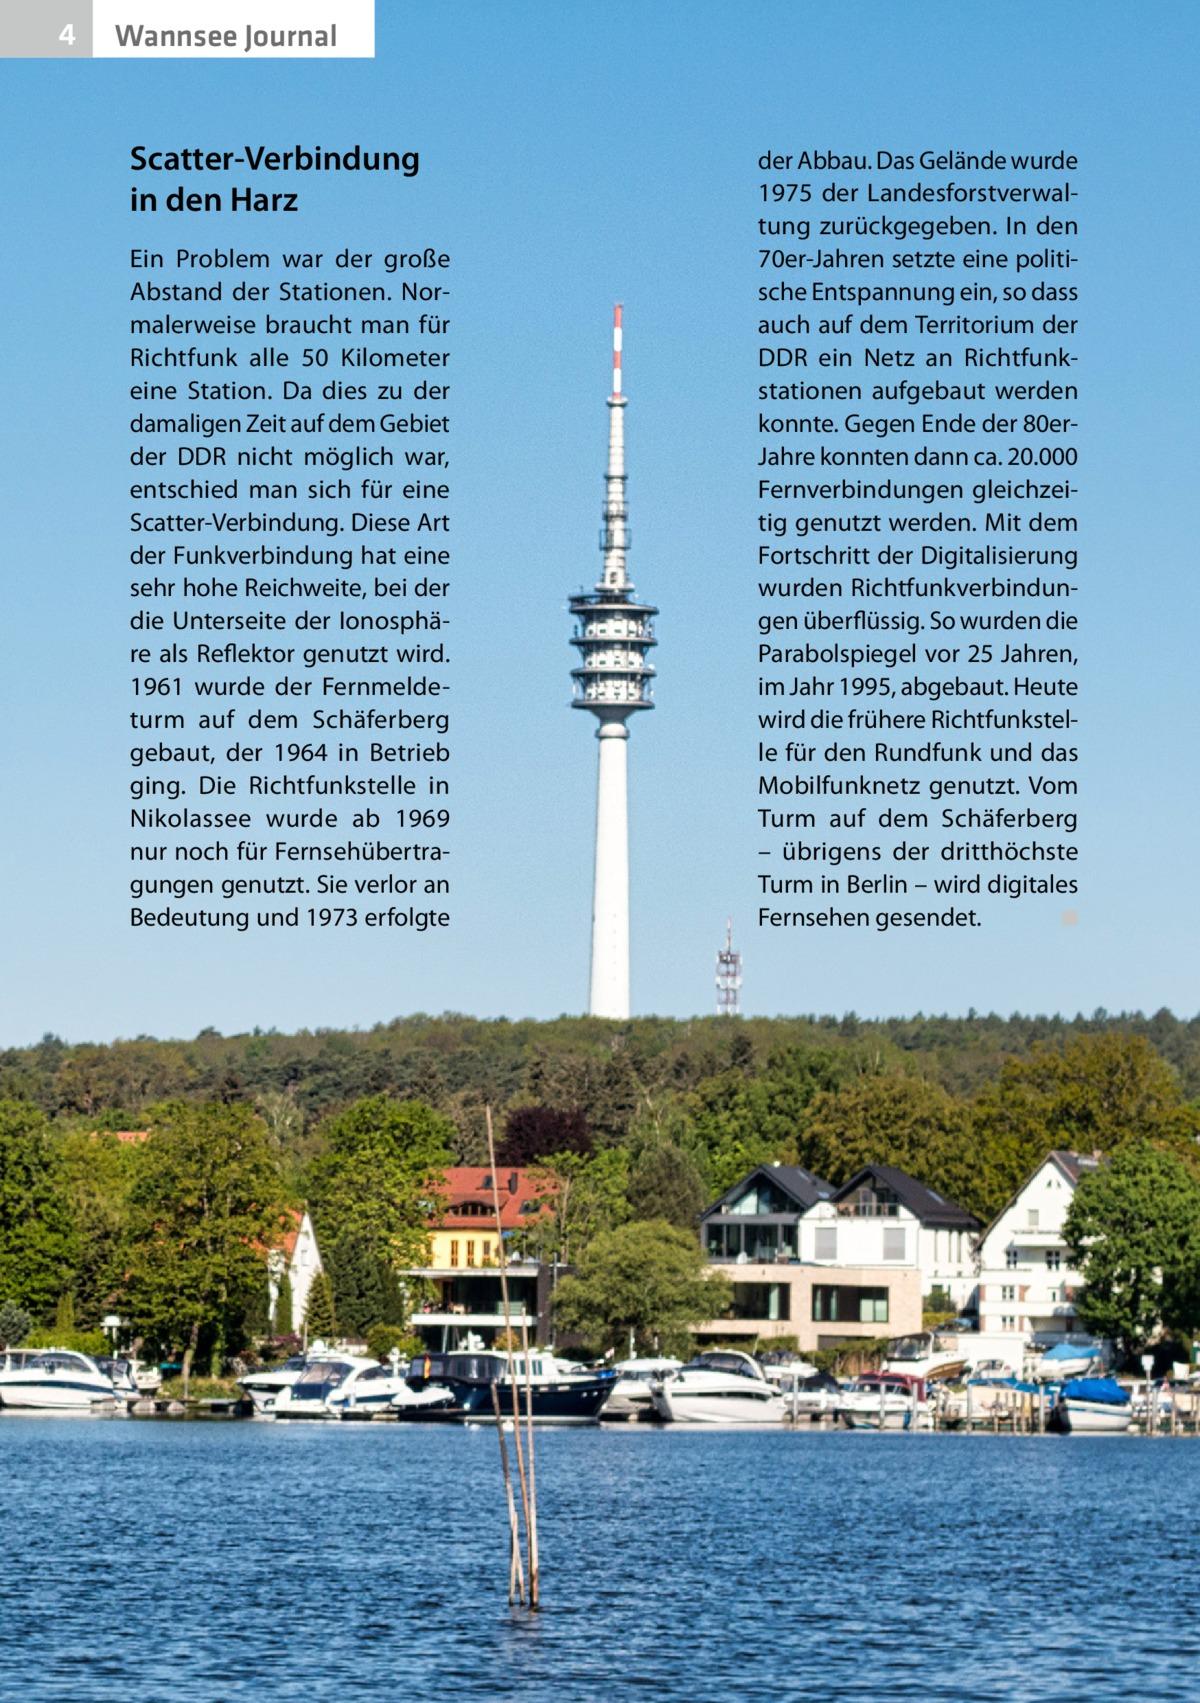 4  Wannsee Journal  Scatter-Verbindung in den Harz Ein Problem war der große Abstand der Stationen. Normalerweise braucht man für Richtfunk alle 50 Kilometer eine Station. Da dies zu der damaligen Zeit auf dem Gebiet der DDR nicht möglich war, entschied man sich für eine Scatter-Verbindung. Diese Art der Funkverbindung hat eine sehr hohe Reichweite, bei der die Unterseite der Ionosphäre als Reflektor genutzt wird. 1961 wurde der Fernmeldeturm auf dem Schäferberg gebaut, der 1964 in Betrieb ging. Die Richtfunkstelle in Nikolassee wurde ab 1969 nur noch für Fernsehübertragungen genutzt. Sie verlor an Bedeutung und 1973 erfolgte  der Abbau. Das Gelände wurde 1975 der Landesforstverwaltung zurückgegeben. In den 70er-Jahren setzte eine politische Entspannung ein, so dass auch auf dem Territorium der DDR ein Netz an Richtfunkstationen aufgebaut werden konnte. Gegen Ende der 80erJahre konnten dann ca. 20.000 Fernverbindungen gleichzeitig genutzt werden. Mit dem Fortschritt der Digitalisierung wurden Richtfunkverbindungen überflüssig. So wurden die Parabolspiegel vor 25Jahren, im Jahr 1995, abgebaut. Heute wird die frühere Richtfunkstelle für den Rundfunk und das Mobilfunknetz genutzt. Vom Turm auf dem Schäferberg – übrigens der dritthöchste Turm in Berlin – wird digitales Fernsehen gesendet. � ◾